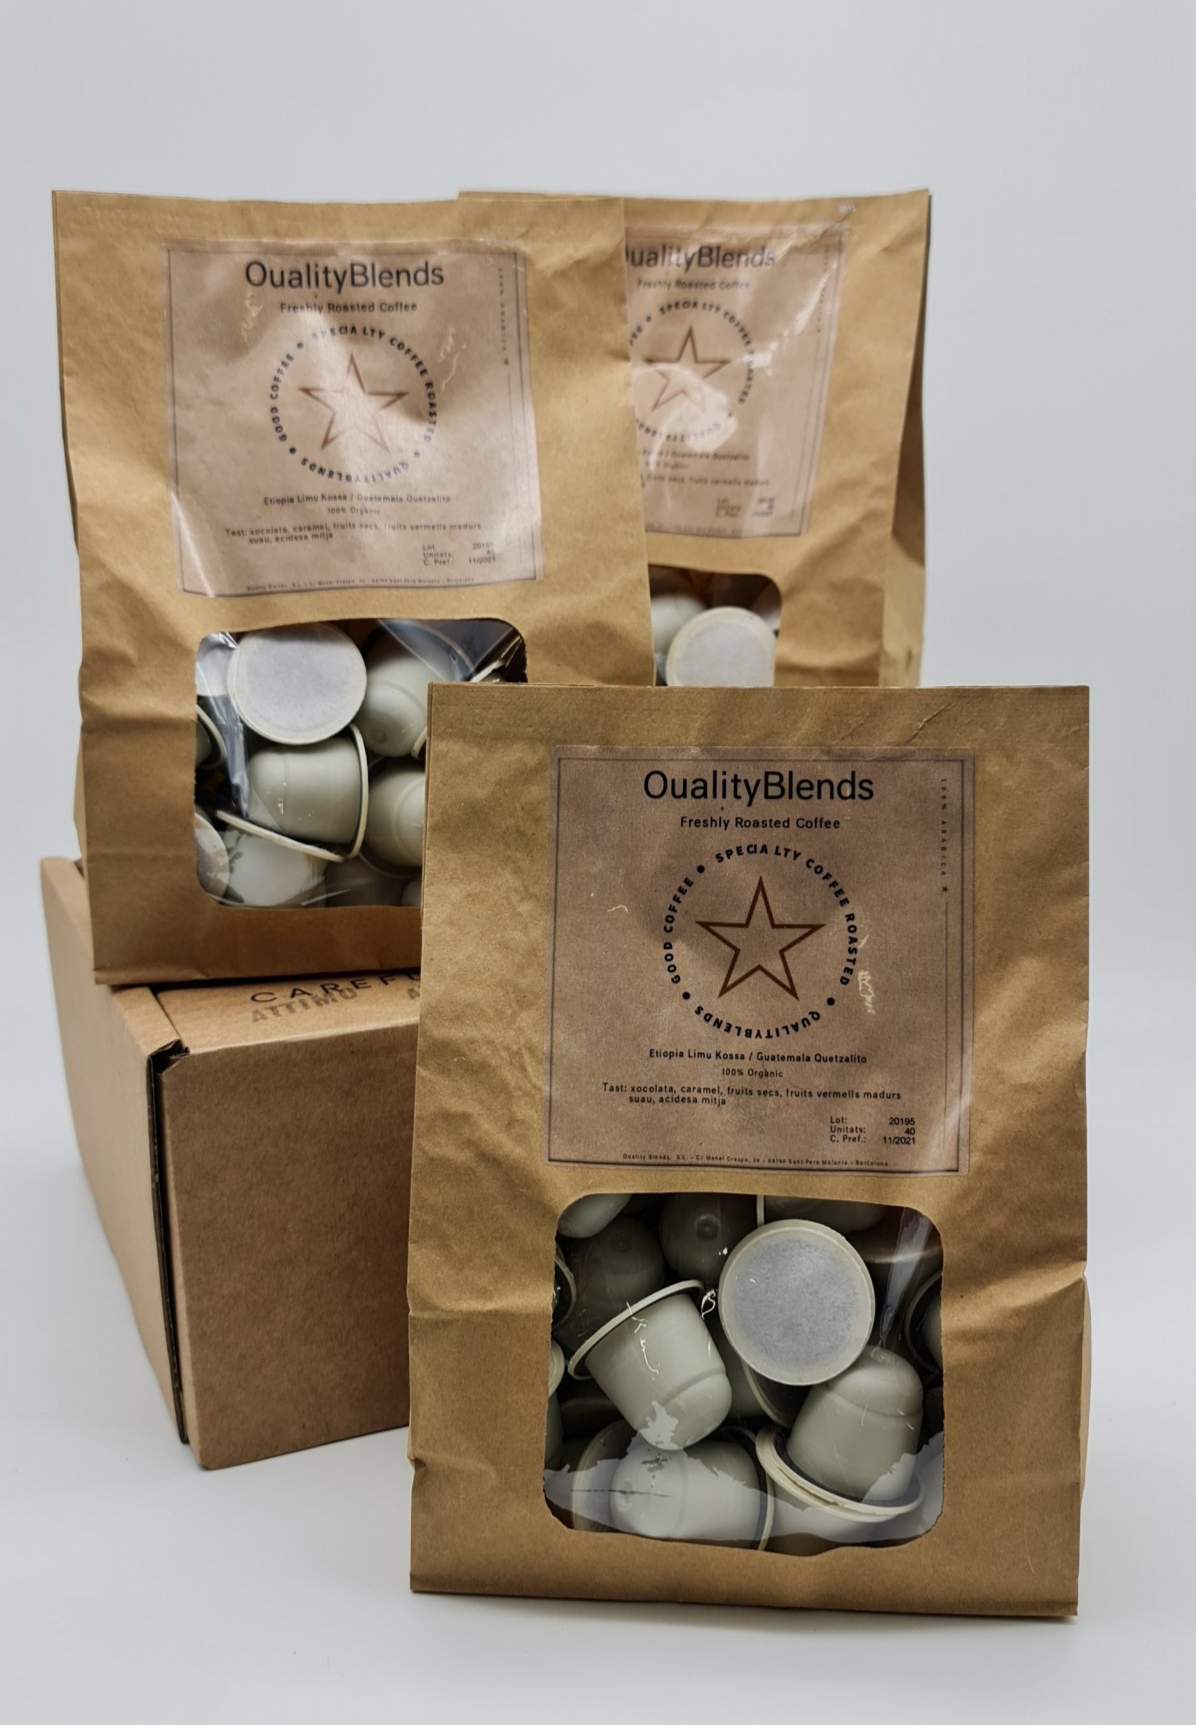 cafe sputnik quality blends